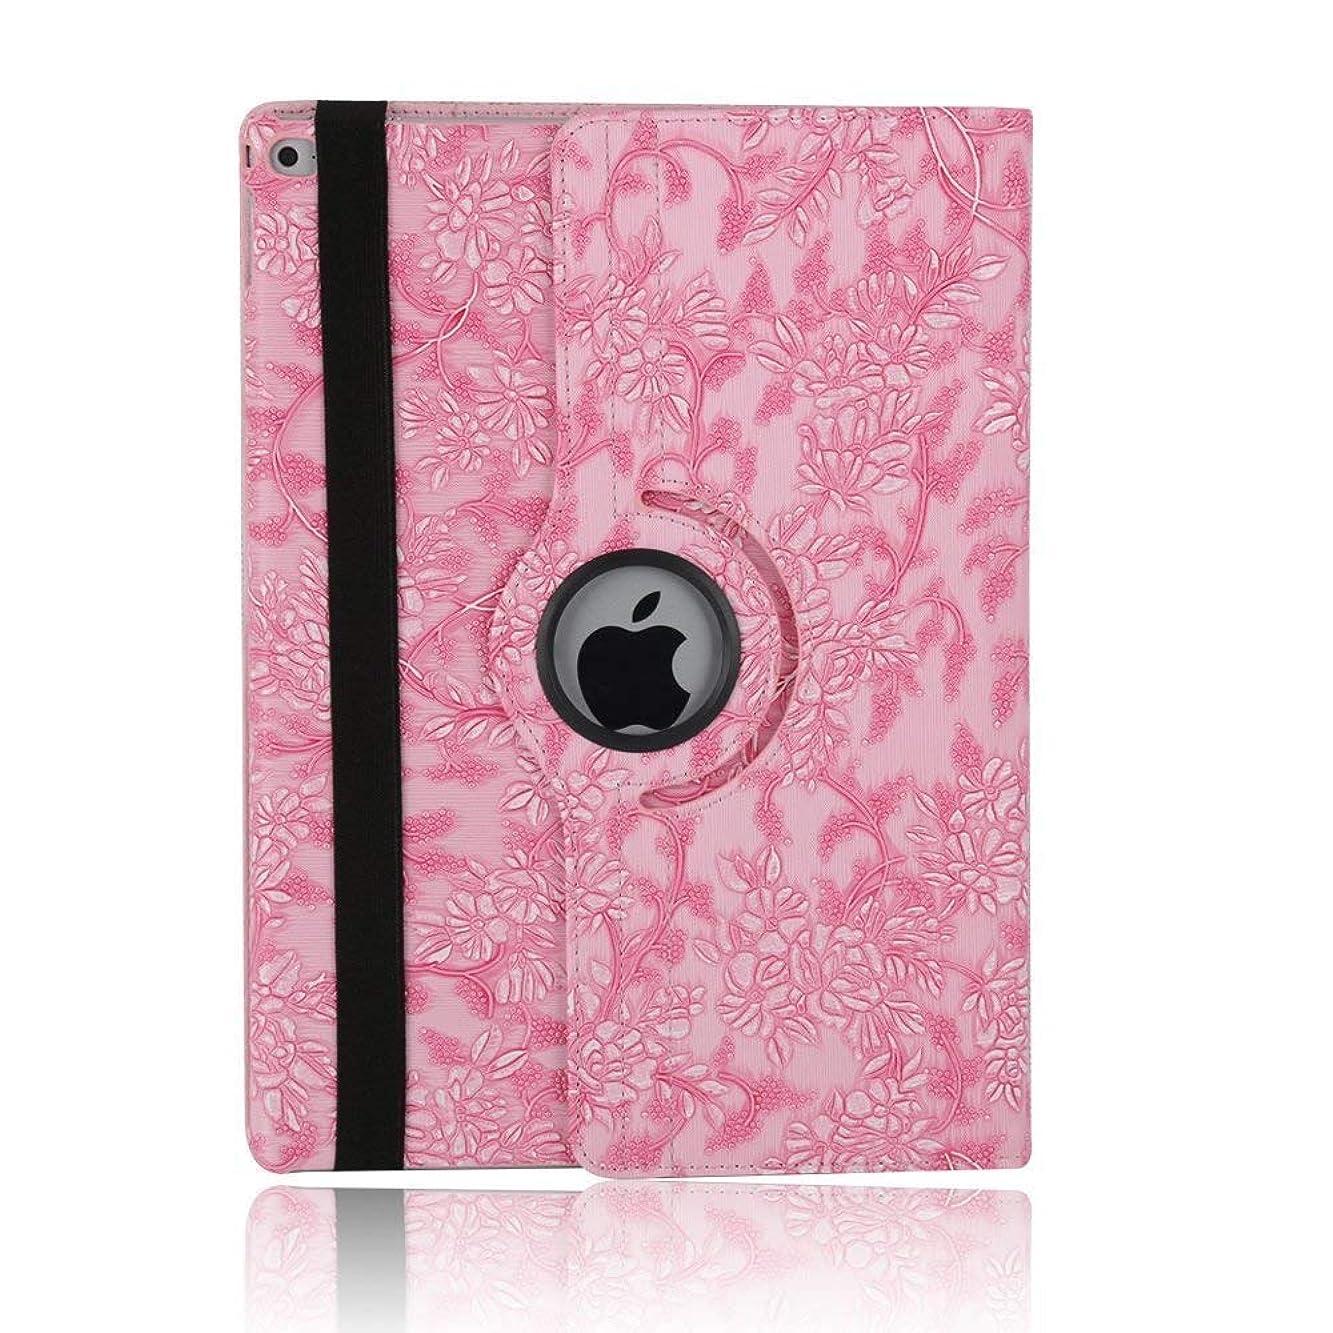 仕事に行く怠フィラデルフィアelecfan iPad用ケース 360度回転型スタンド ポリウレタンレザー製 花柄 保護用フリップフォリオカバー iPad Air 2 ピンク EL-PTW-IPAD6-P